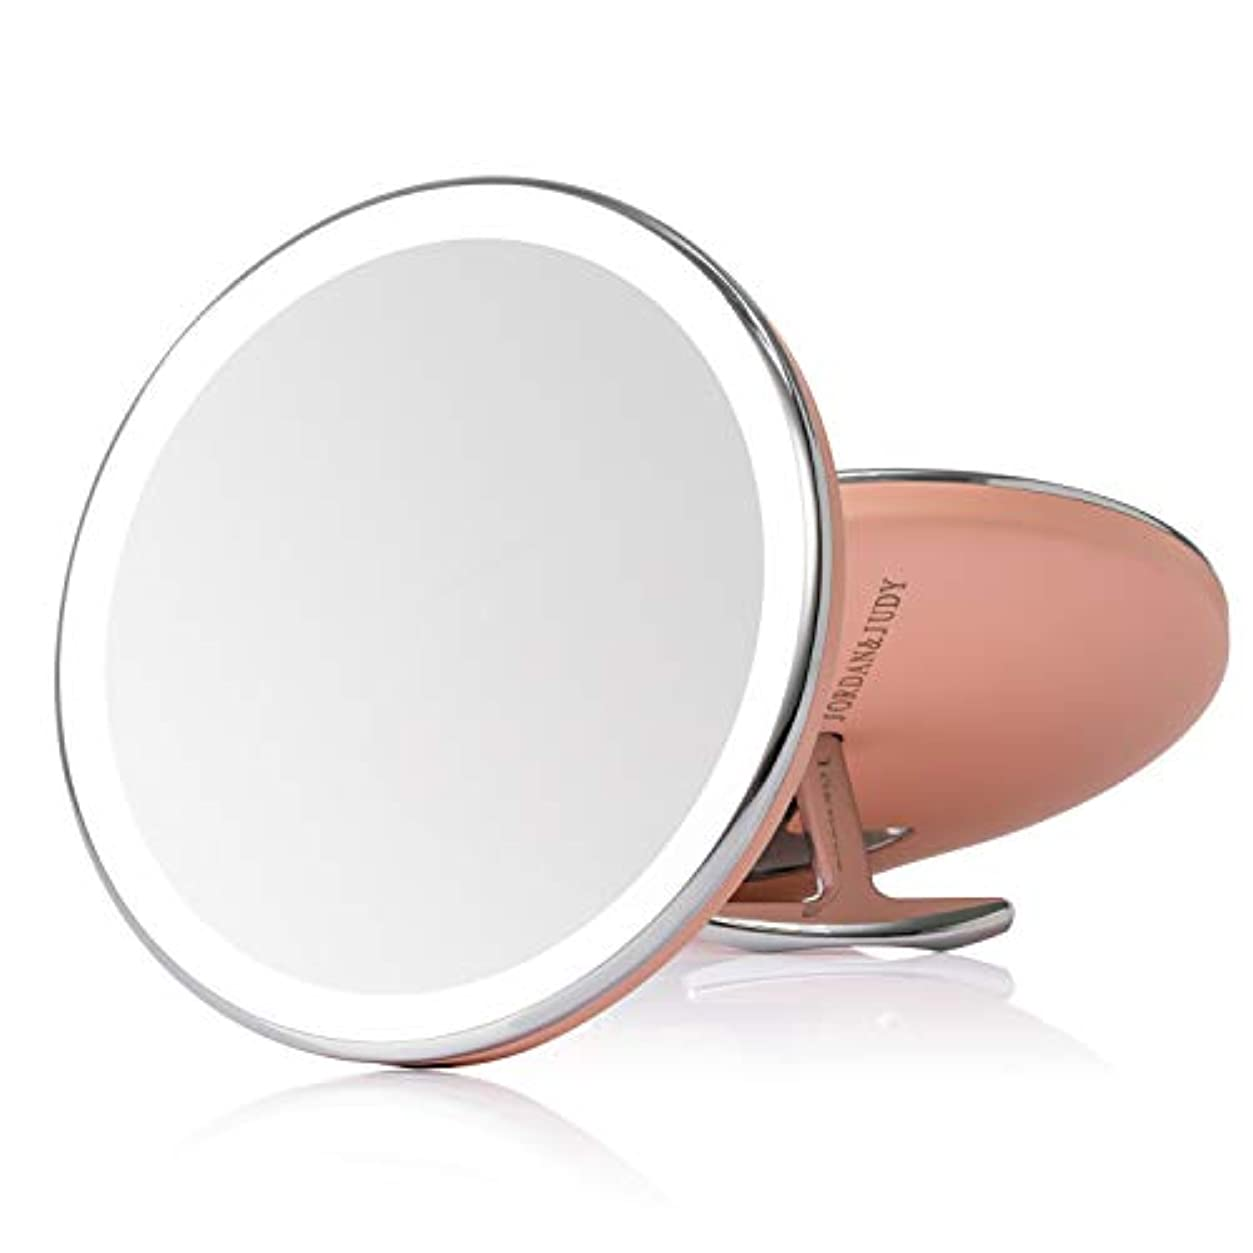 余剰プライムバラエティ化粧鏡 女優ミラー led ミラー led付き USB充電式 明るさ調節可能 持ち運び 外出 旅行用 通勤用 便利 携带ミラー プレゼント